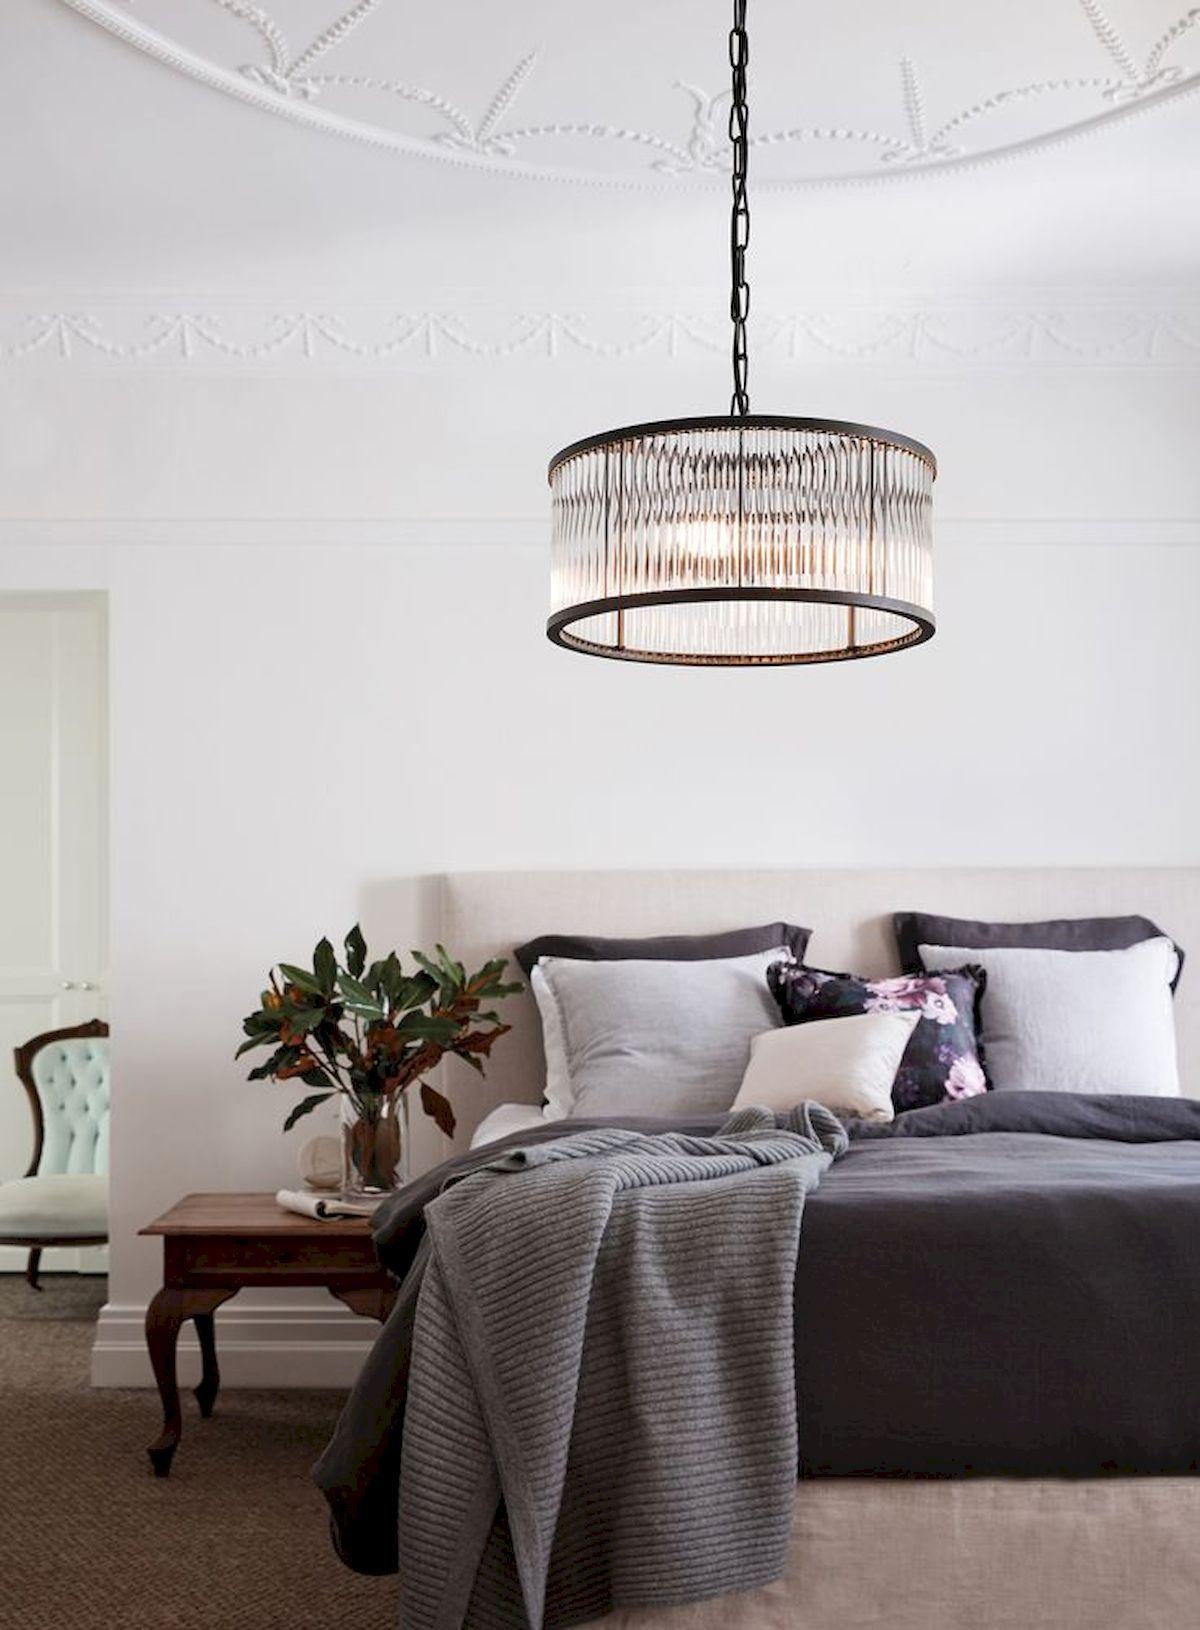 Cool Romantic Winter Bedroom Lighting Decoration Https Hajarfresh Com Romantic Winter Be Master Bedroom Lighting Bedroom Ceiling Light Bedroom Light Fixtures